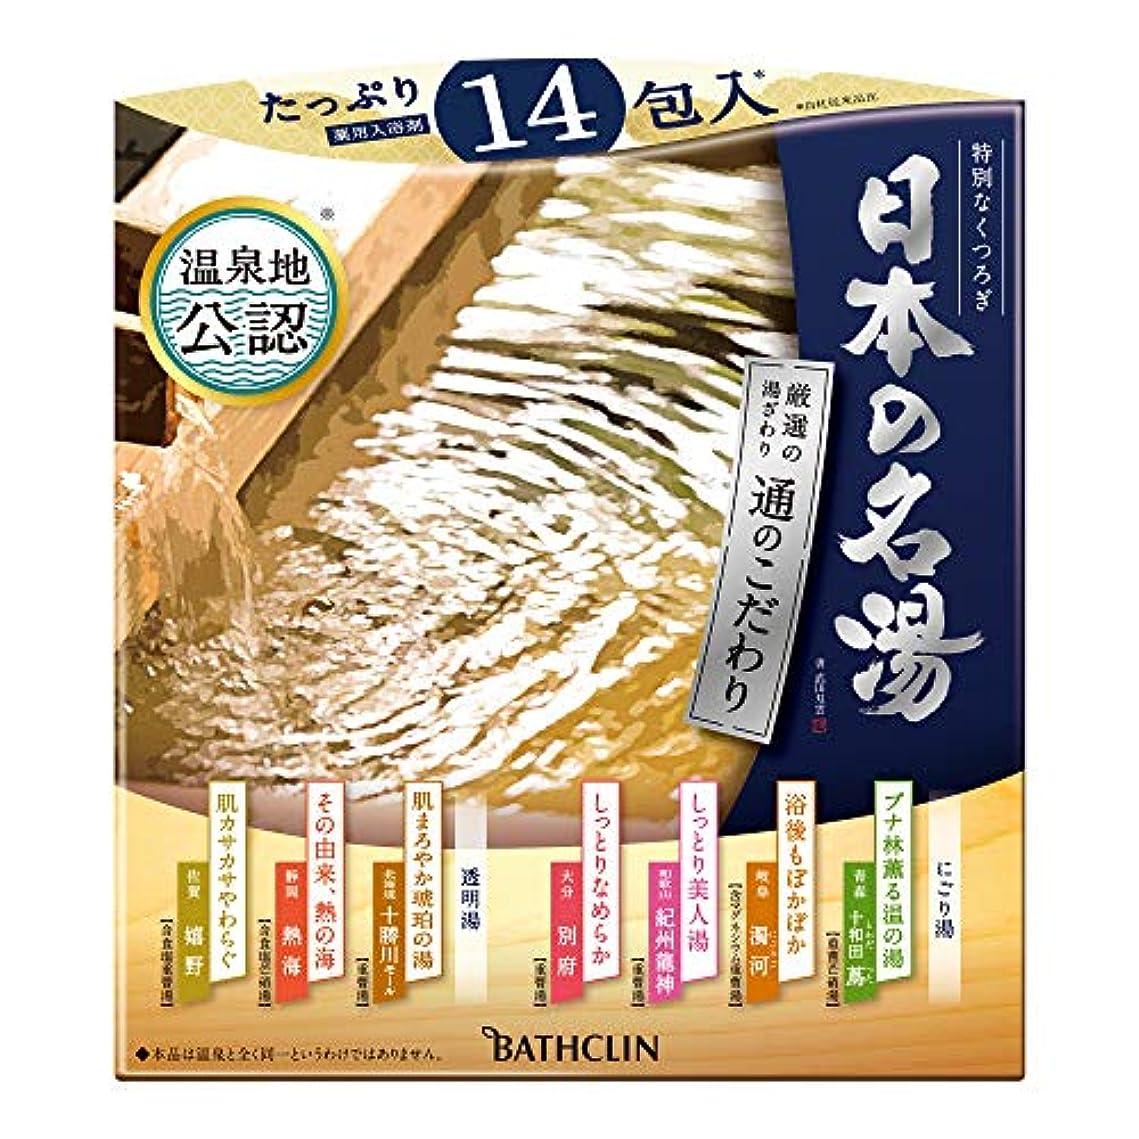 ナインへ手書き闇【医薬部外品】バスクリン 日本の名湯 入浴剤 通のこだわり 30g×14包 個包装詰め合わせ 温泉タイプ